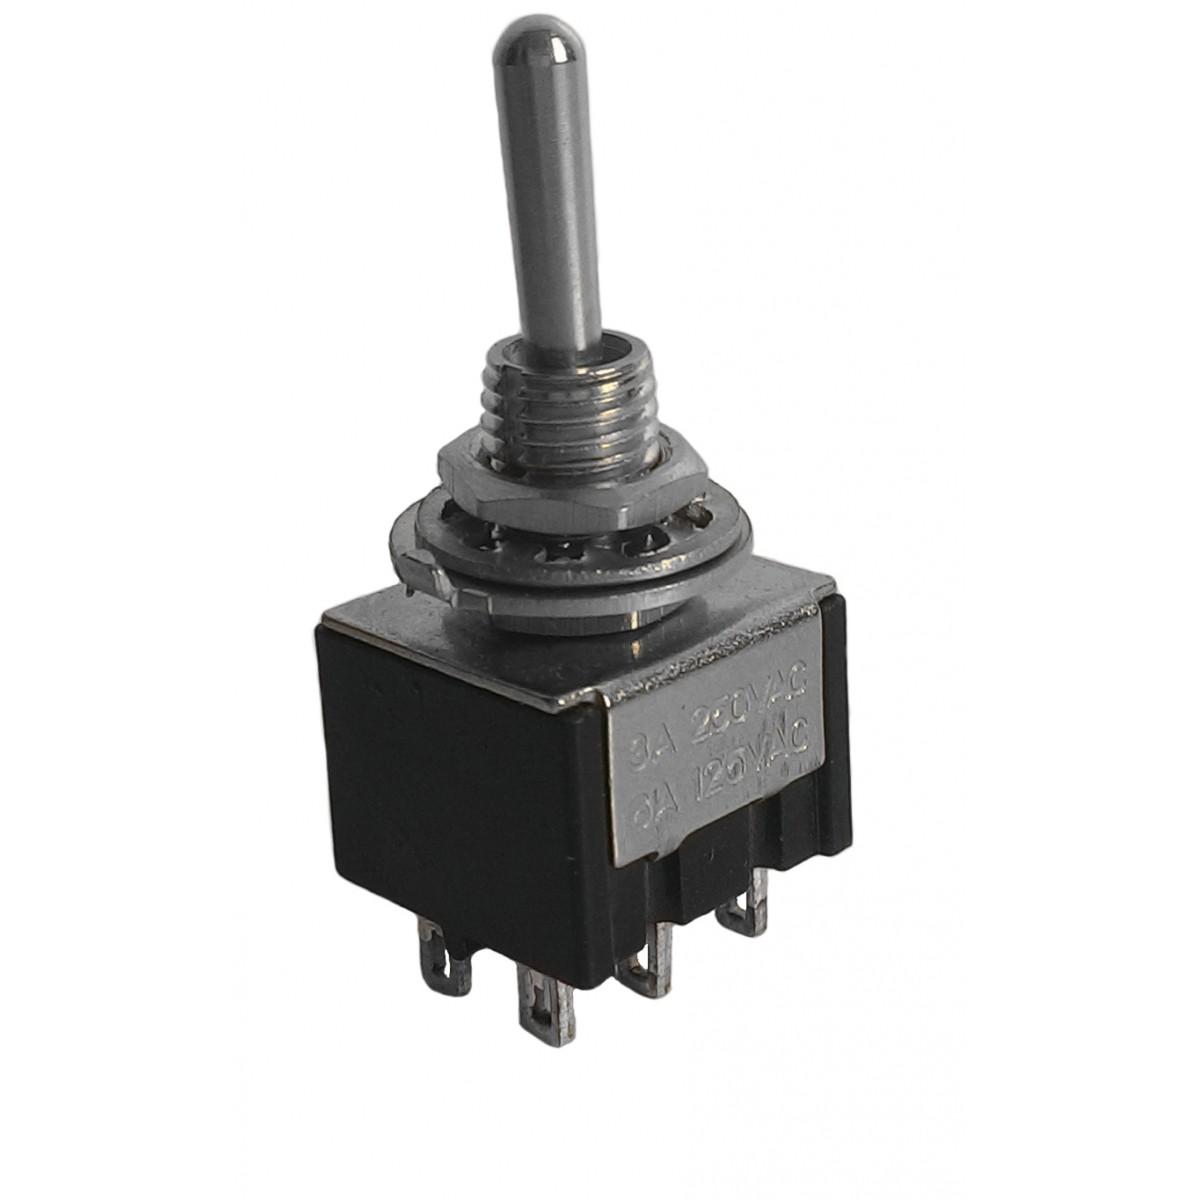 Chave Seletora de Voltagem para Geradores 6 Polos 110V e 220V